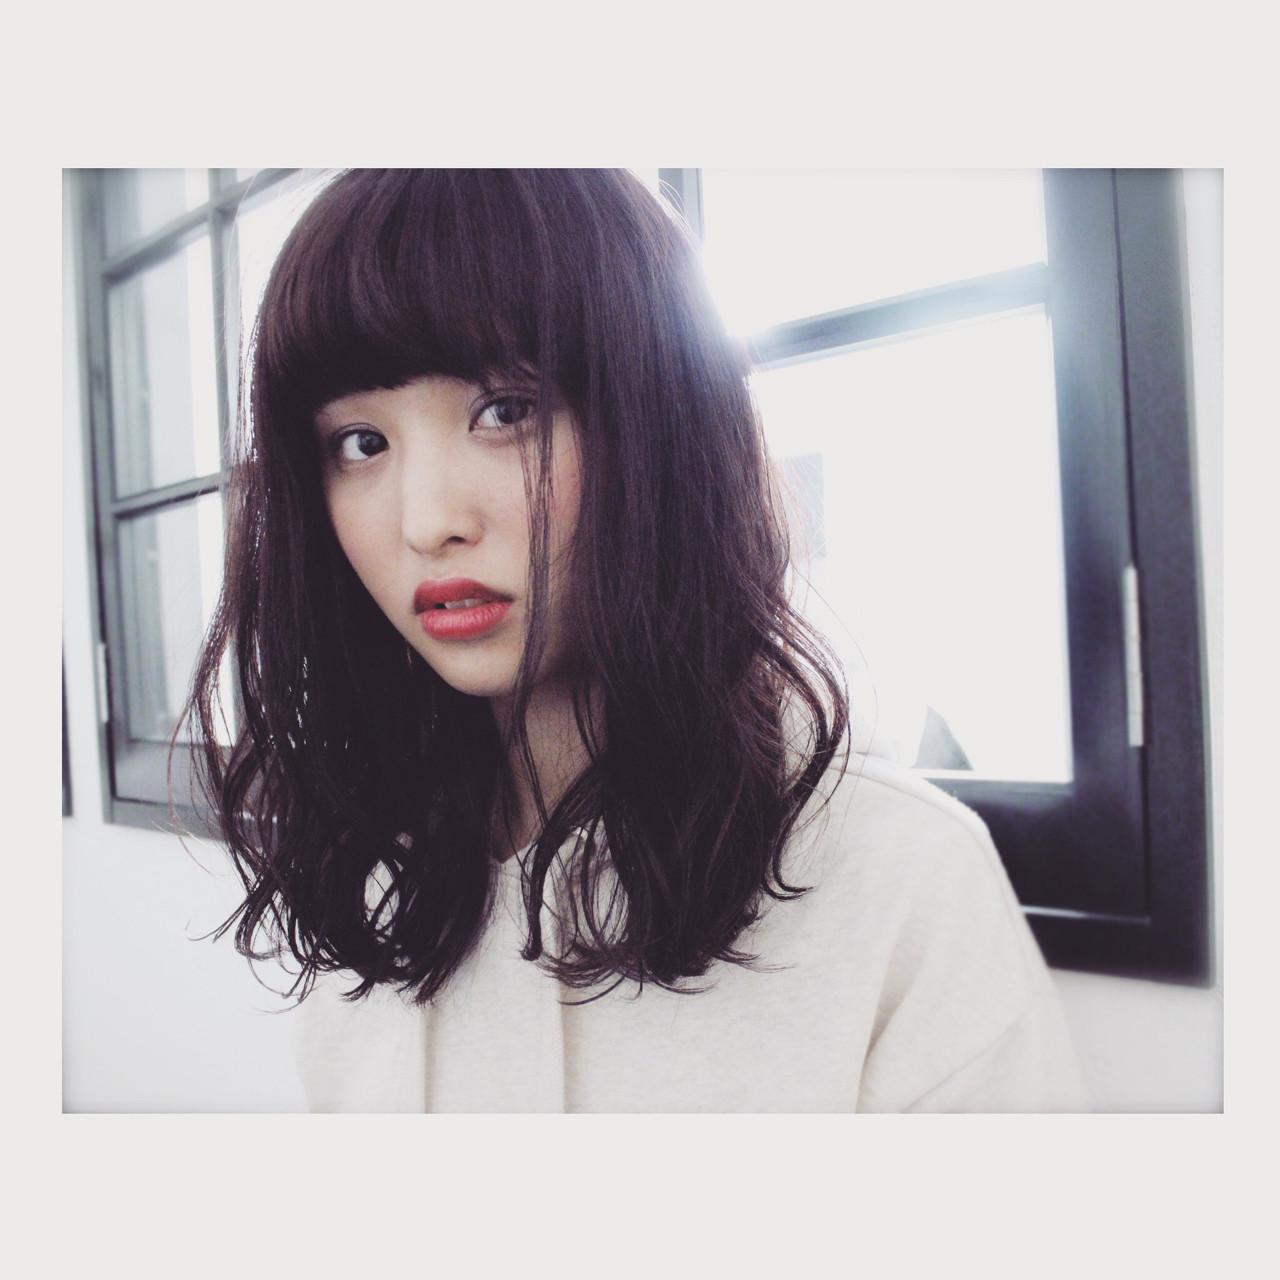 ゆるふわ 外国人風 セミロング 大人かわいい ヘアスタイルや髪型の写真・画像 | 上田智久 / ooit 福岡 天神 / ooit